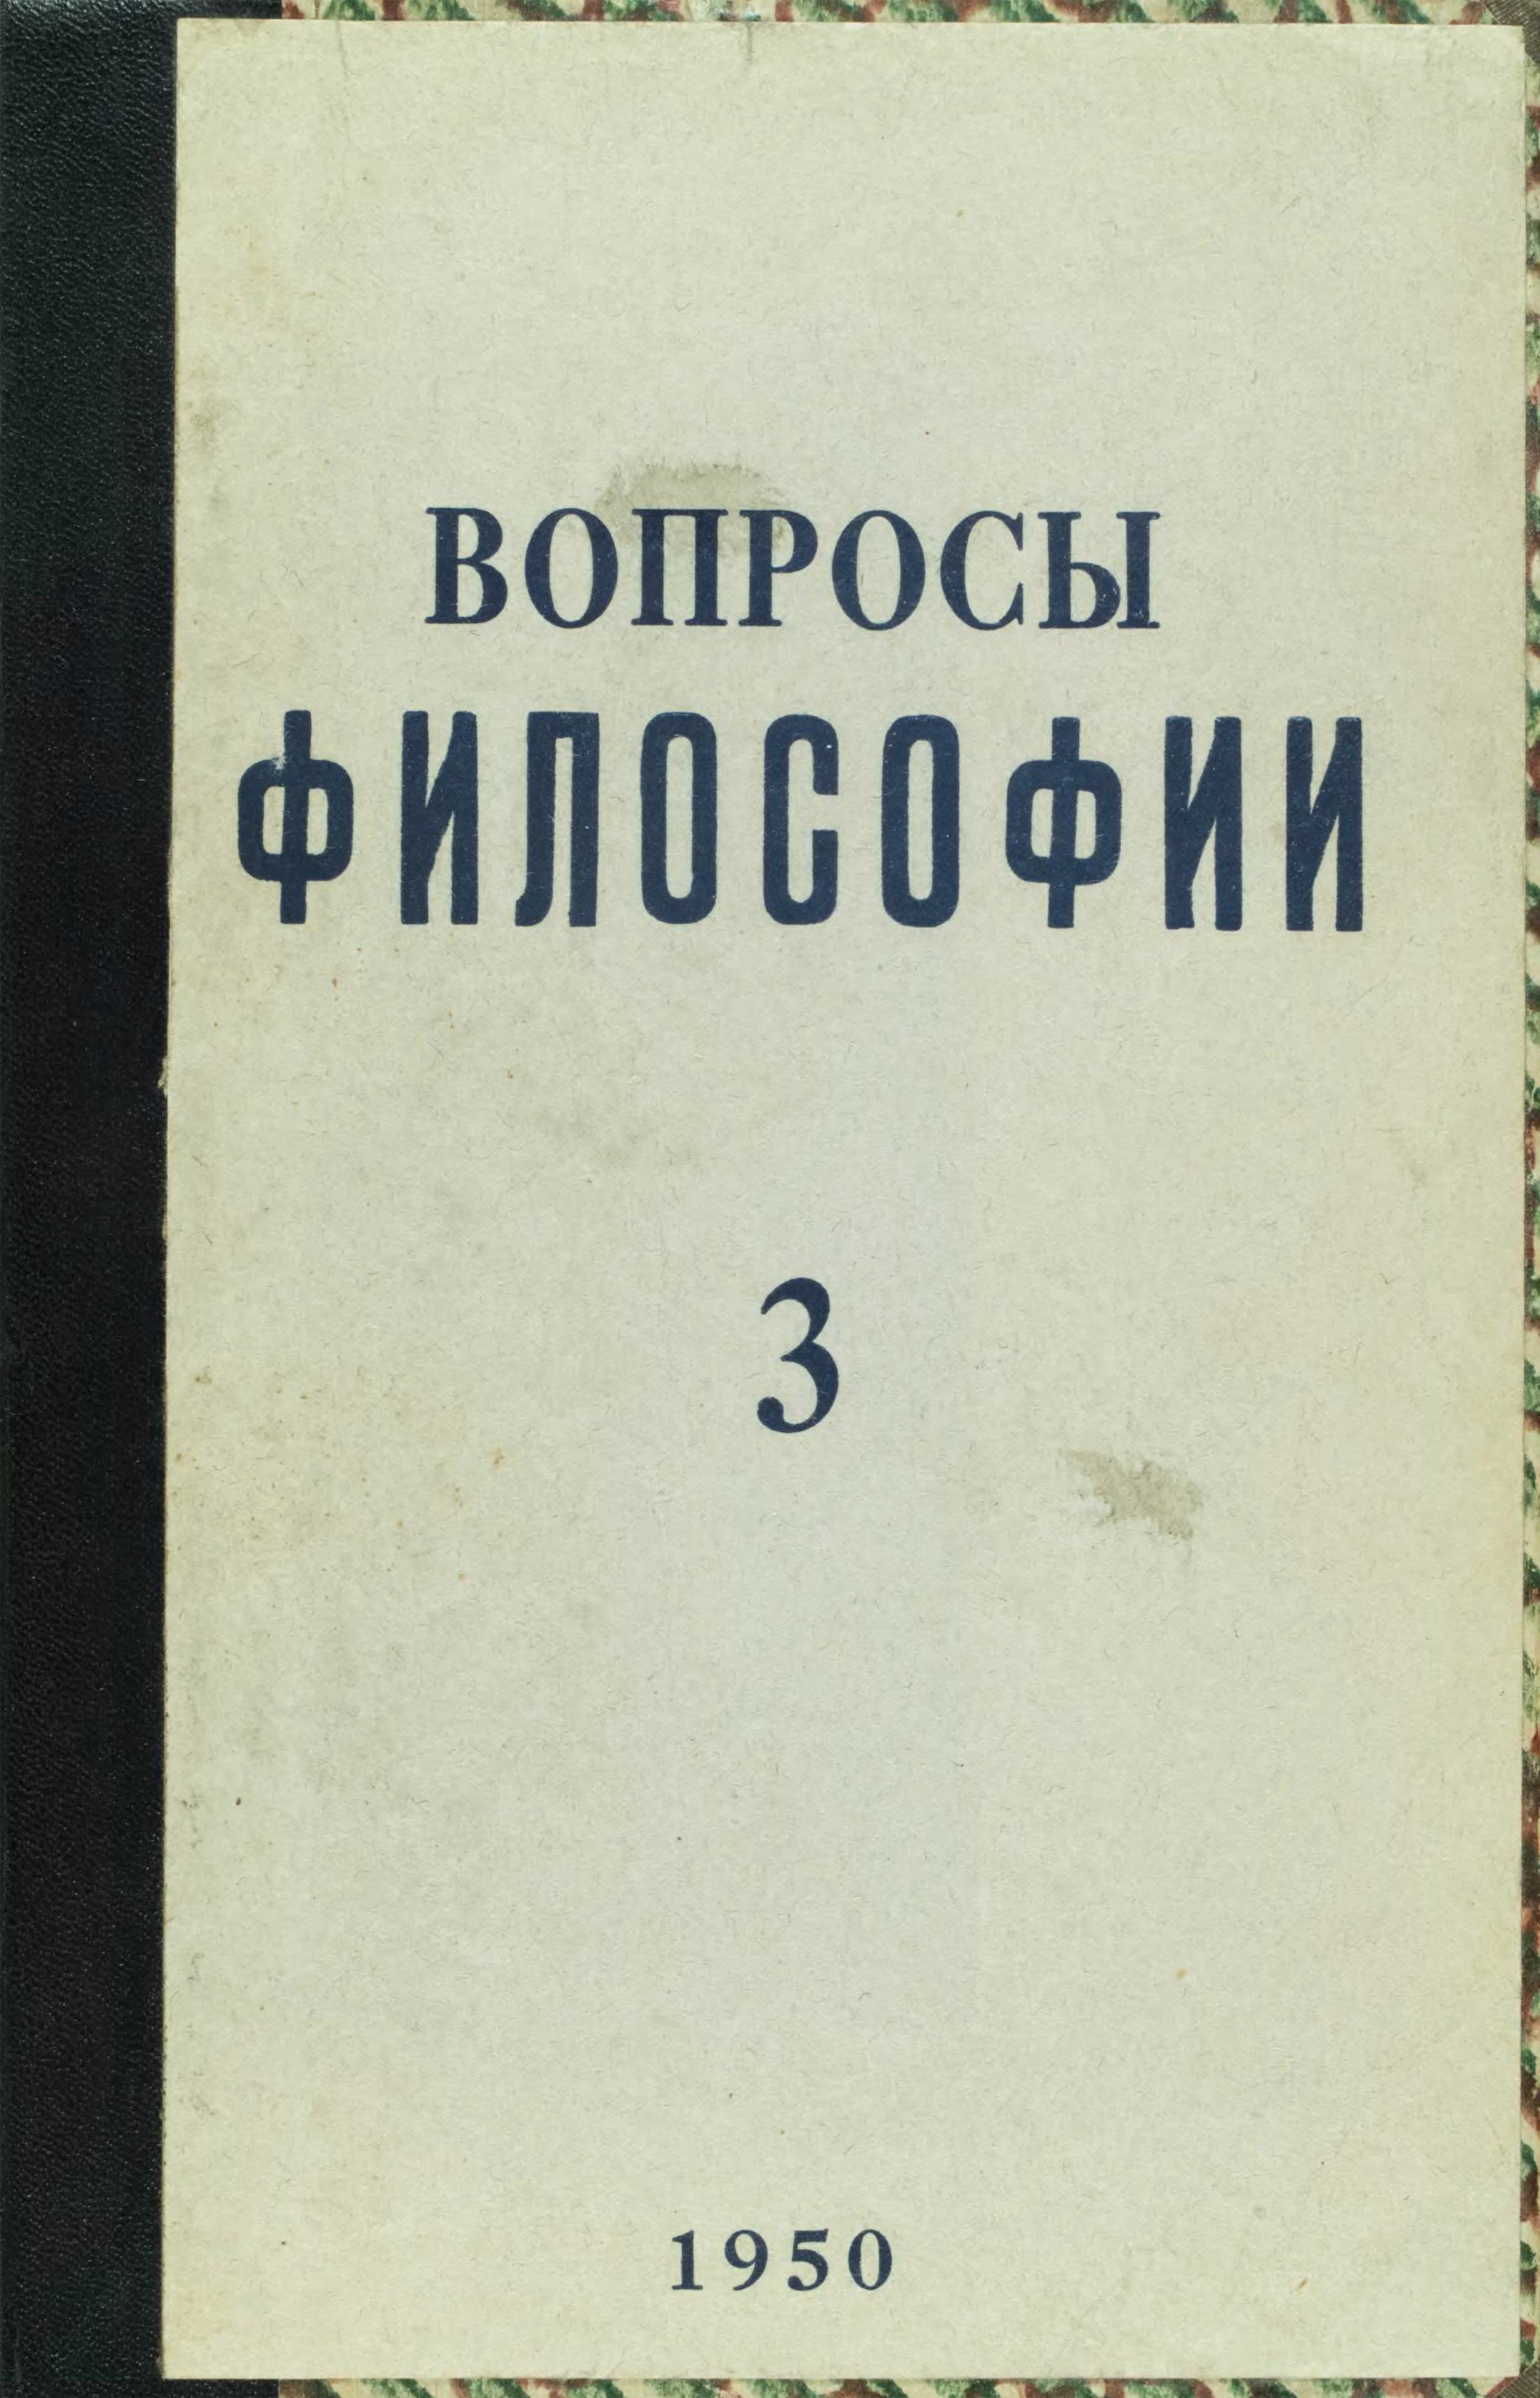 АН_СССР,_Вопросы_философии_N3_11_1950_1